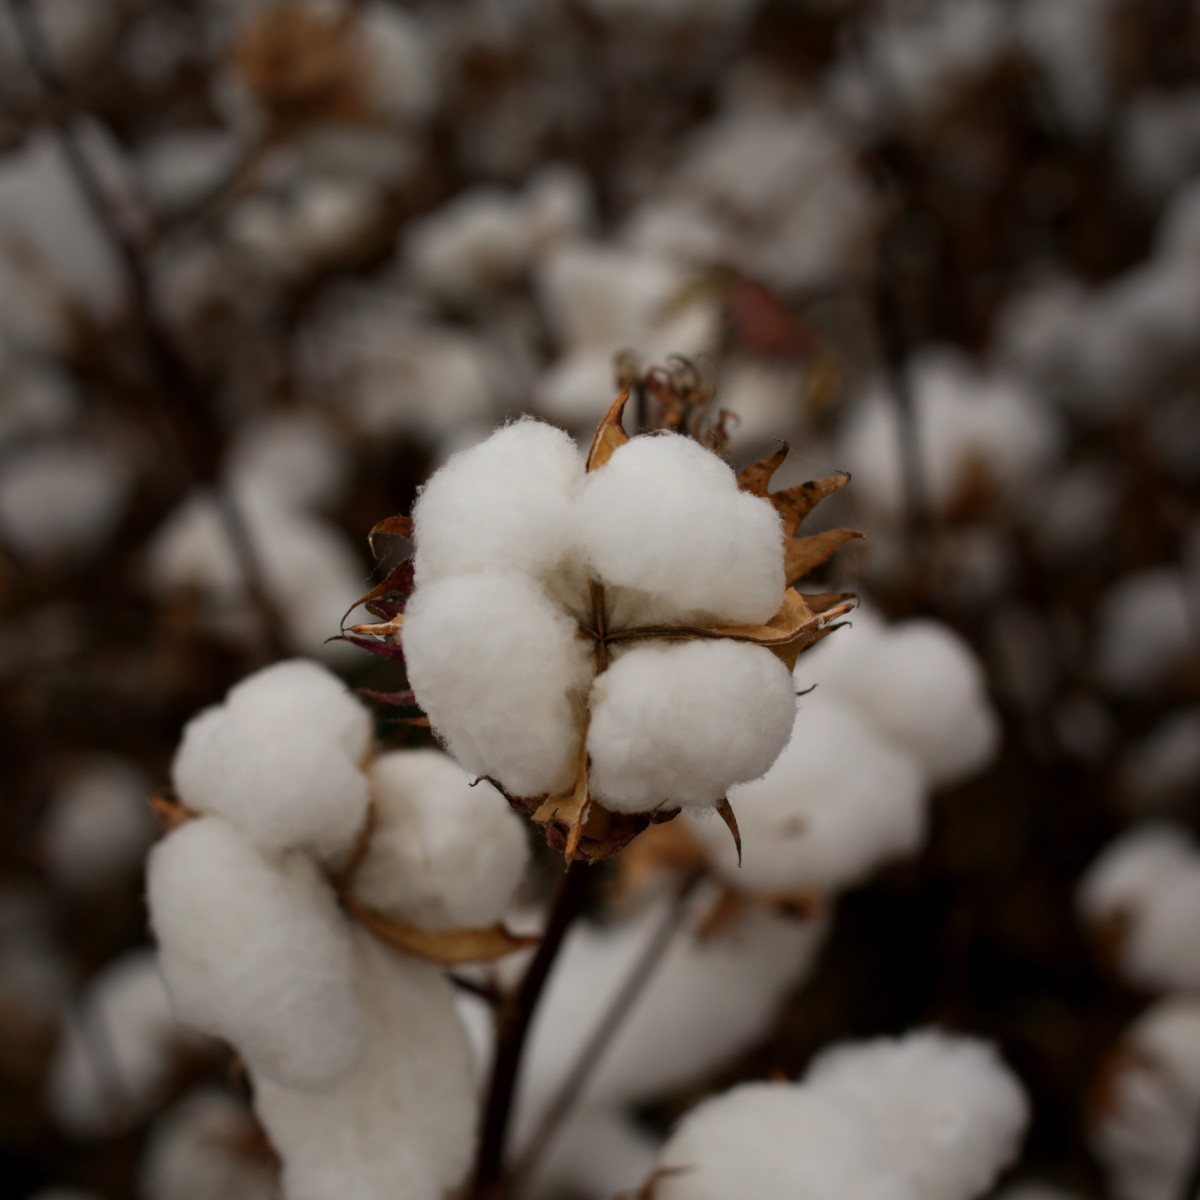 traceable cotton fibretrace